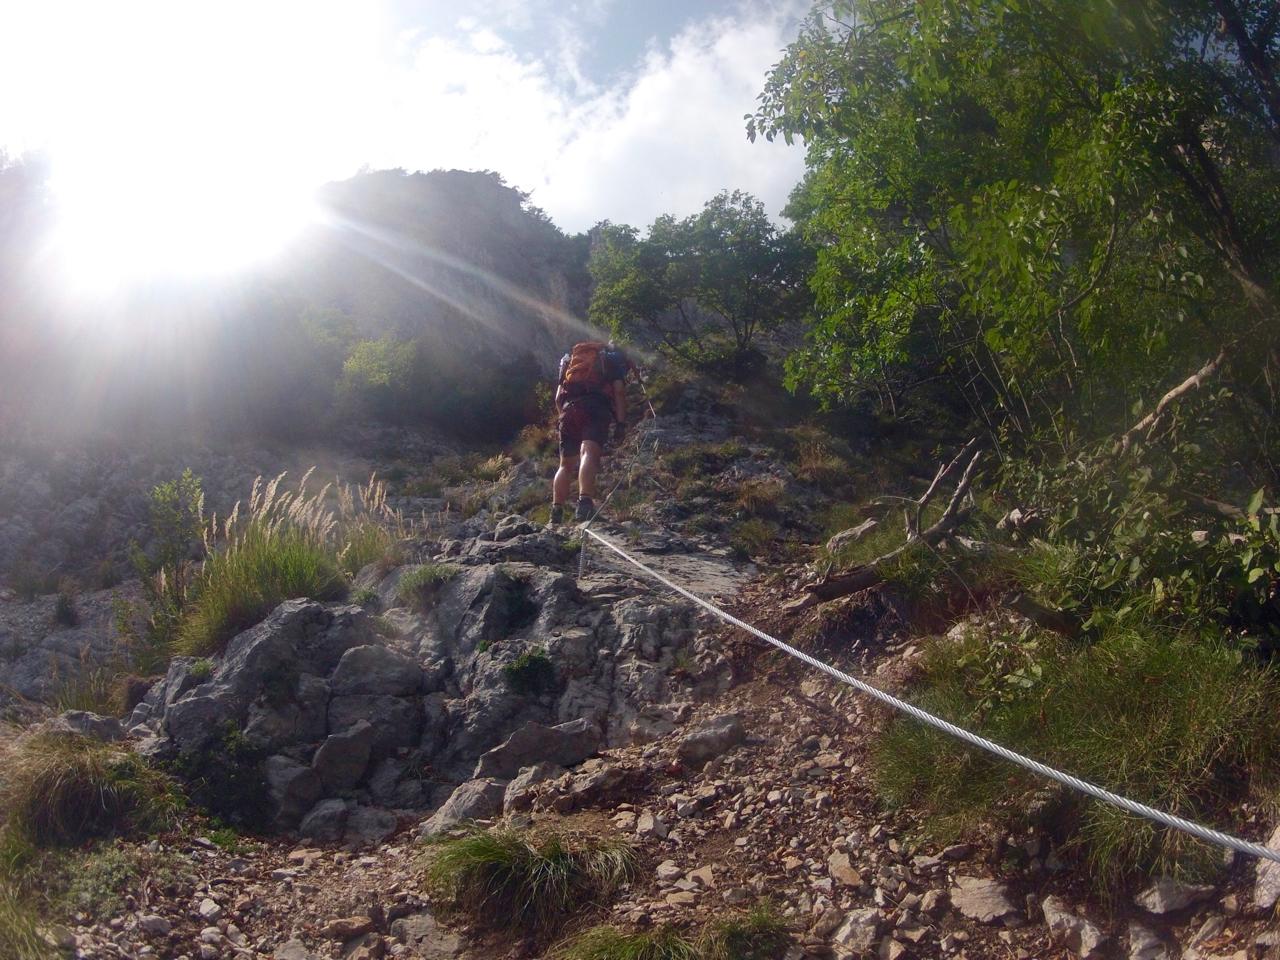 Klettersteig Che Guevara : Klettersteig ernesto che guevara garda trekking